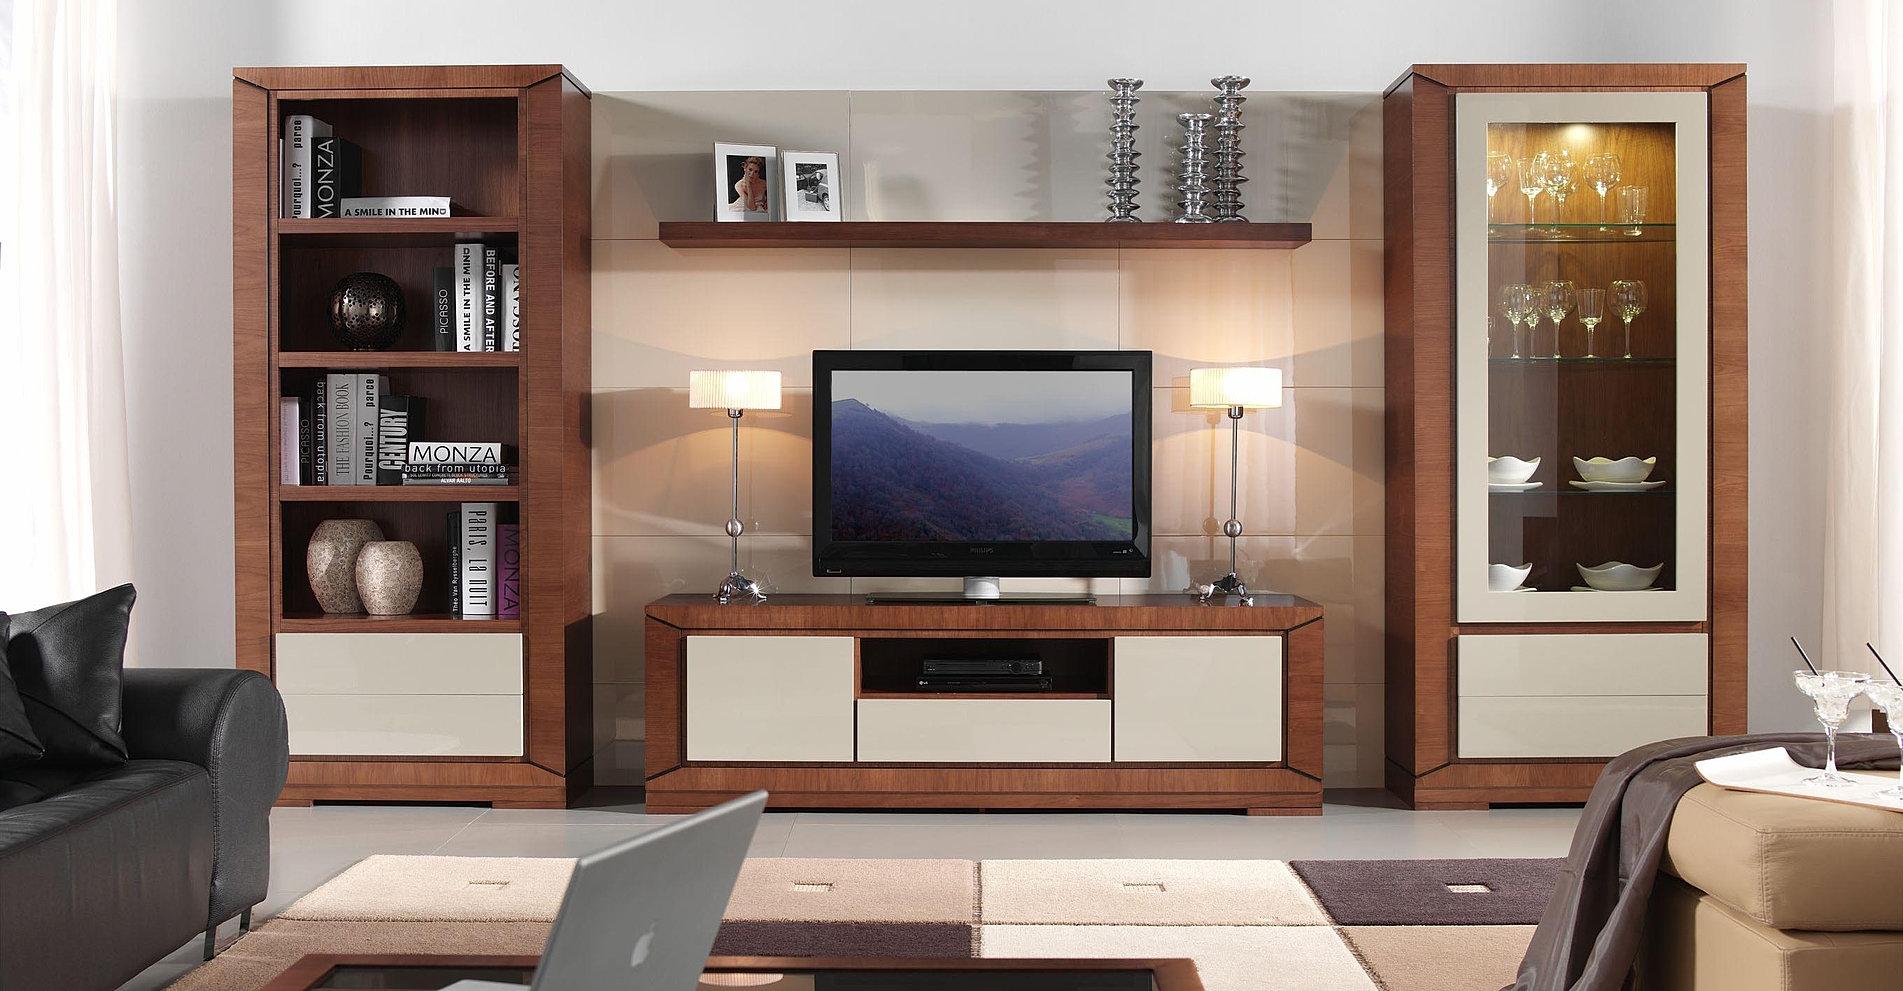 consltenos su necesidad en muebles de tv con nuestro equipo de interiorismo fabricacin de muebles tv a medida - Muebles Television